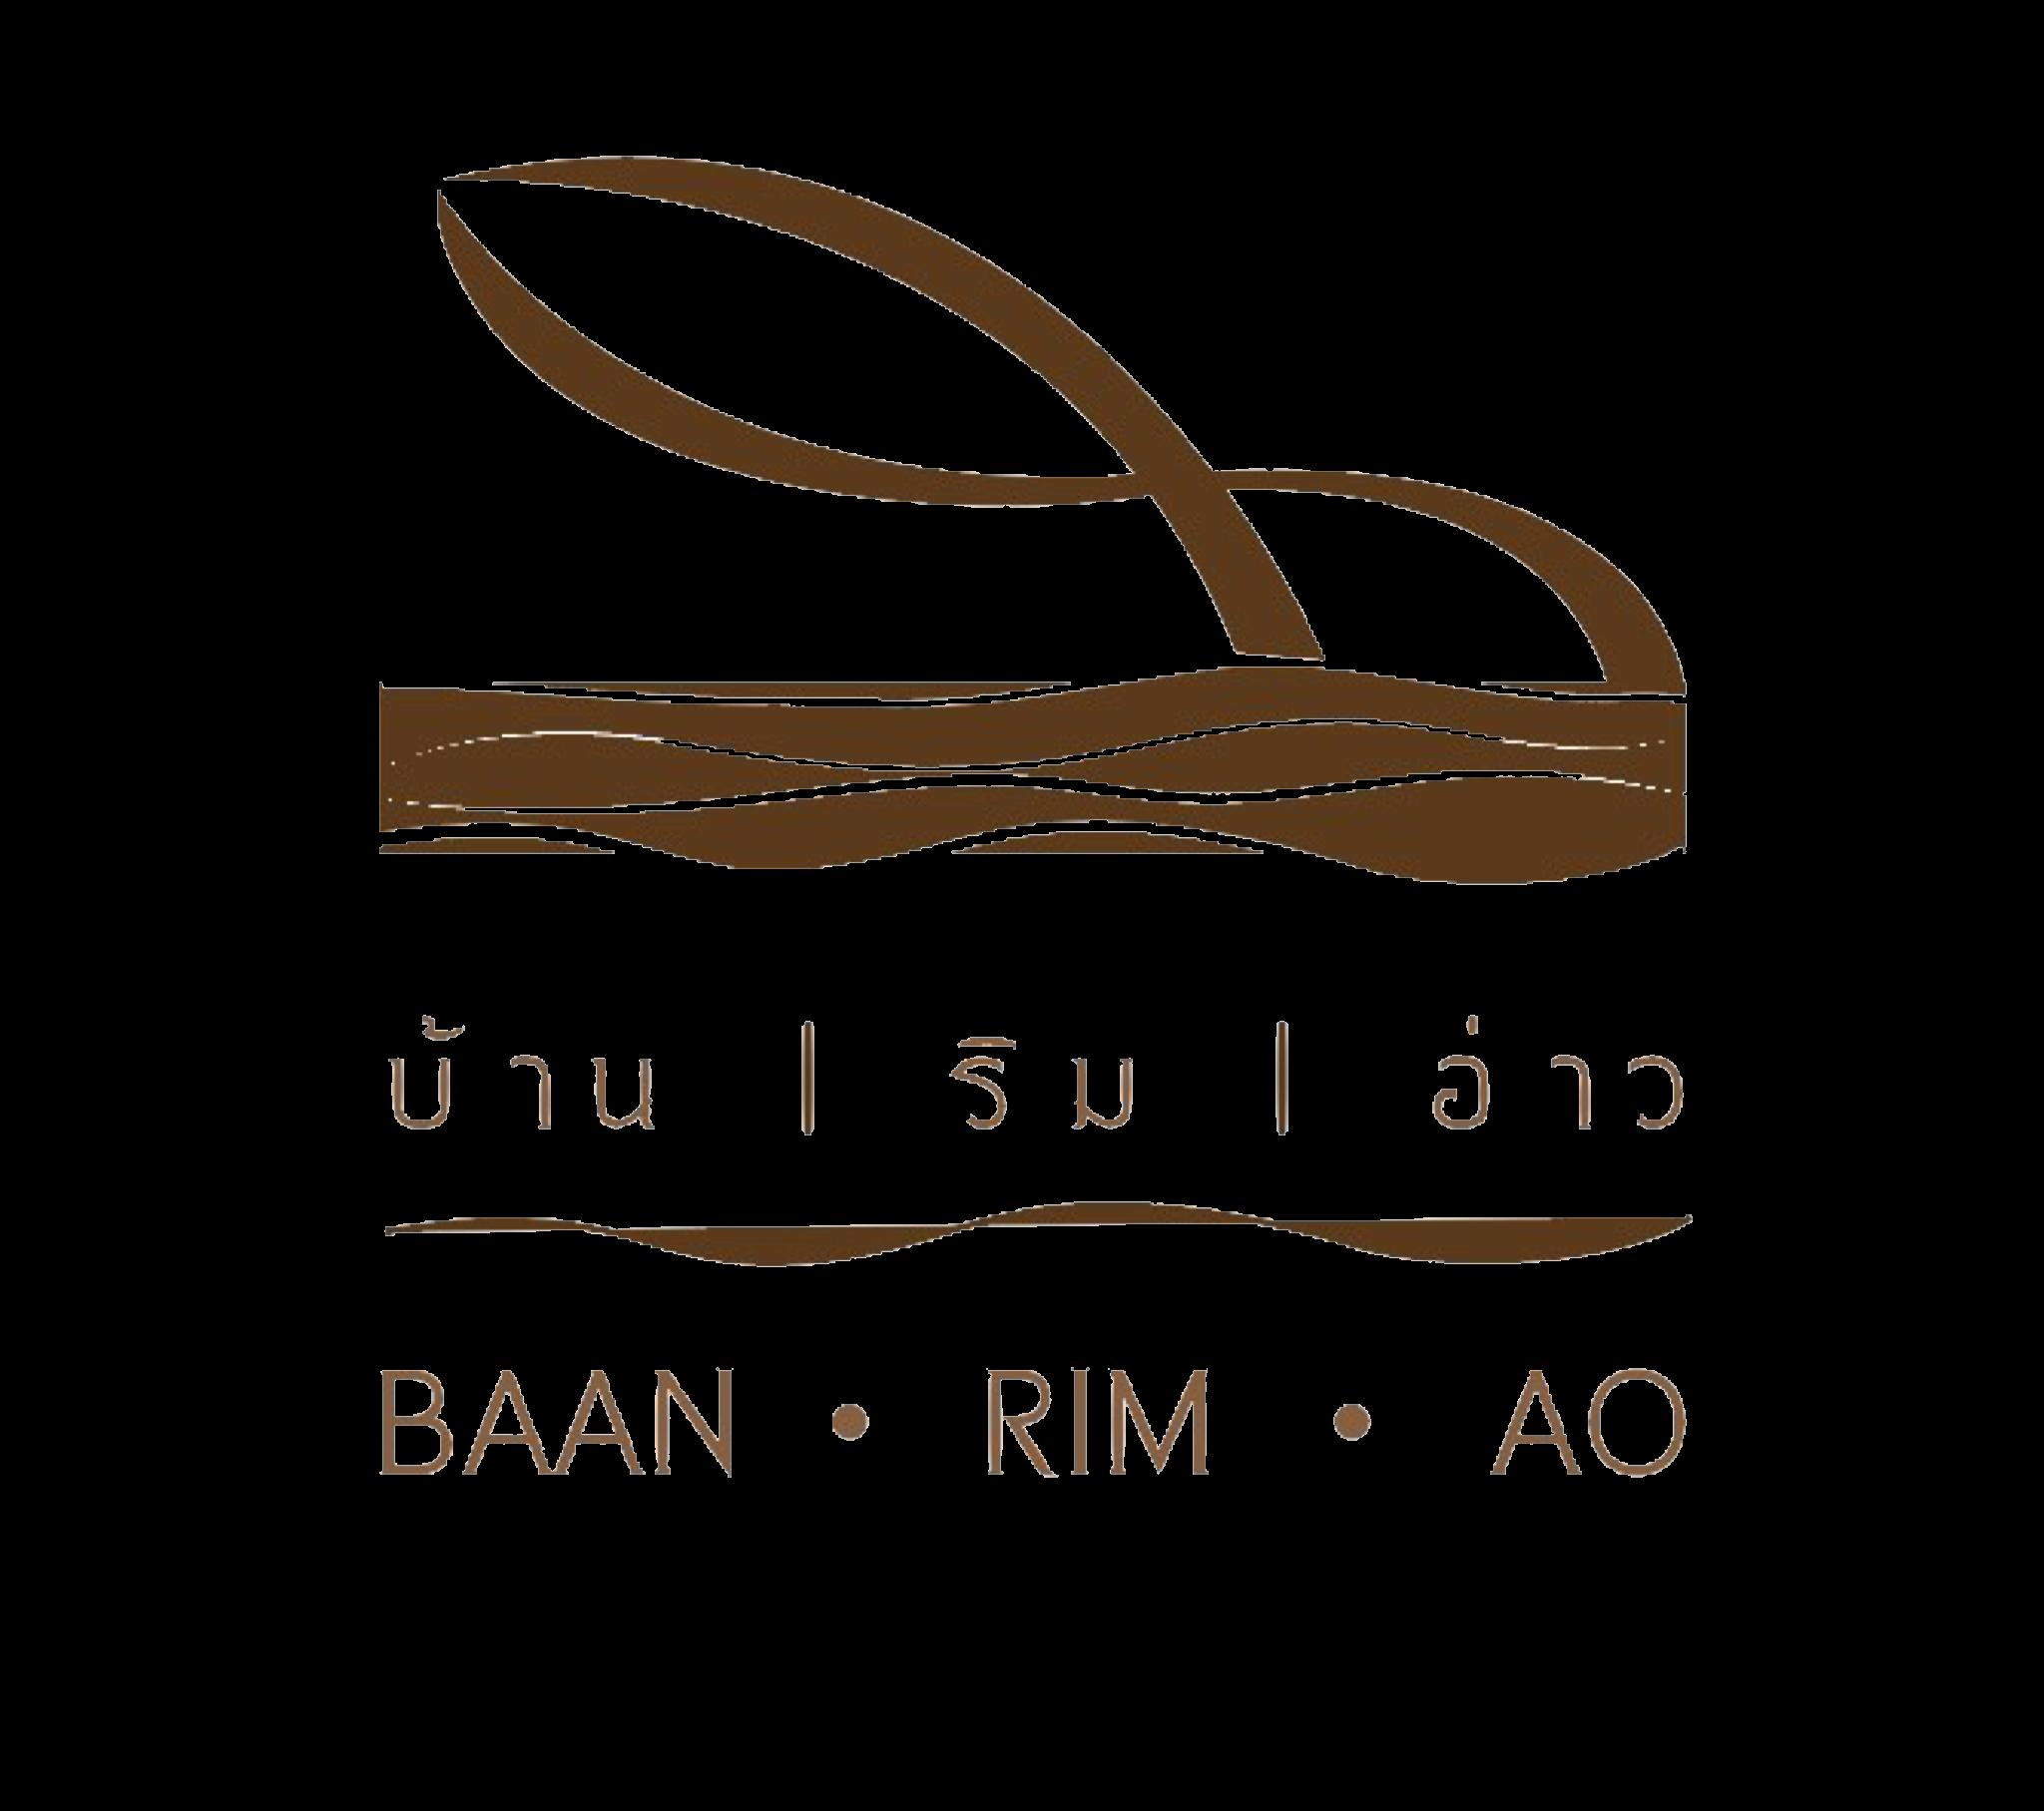 Baan Rim Ao